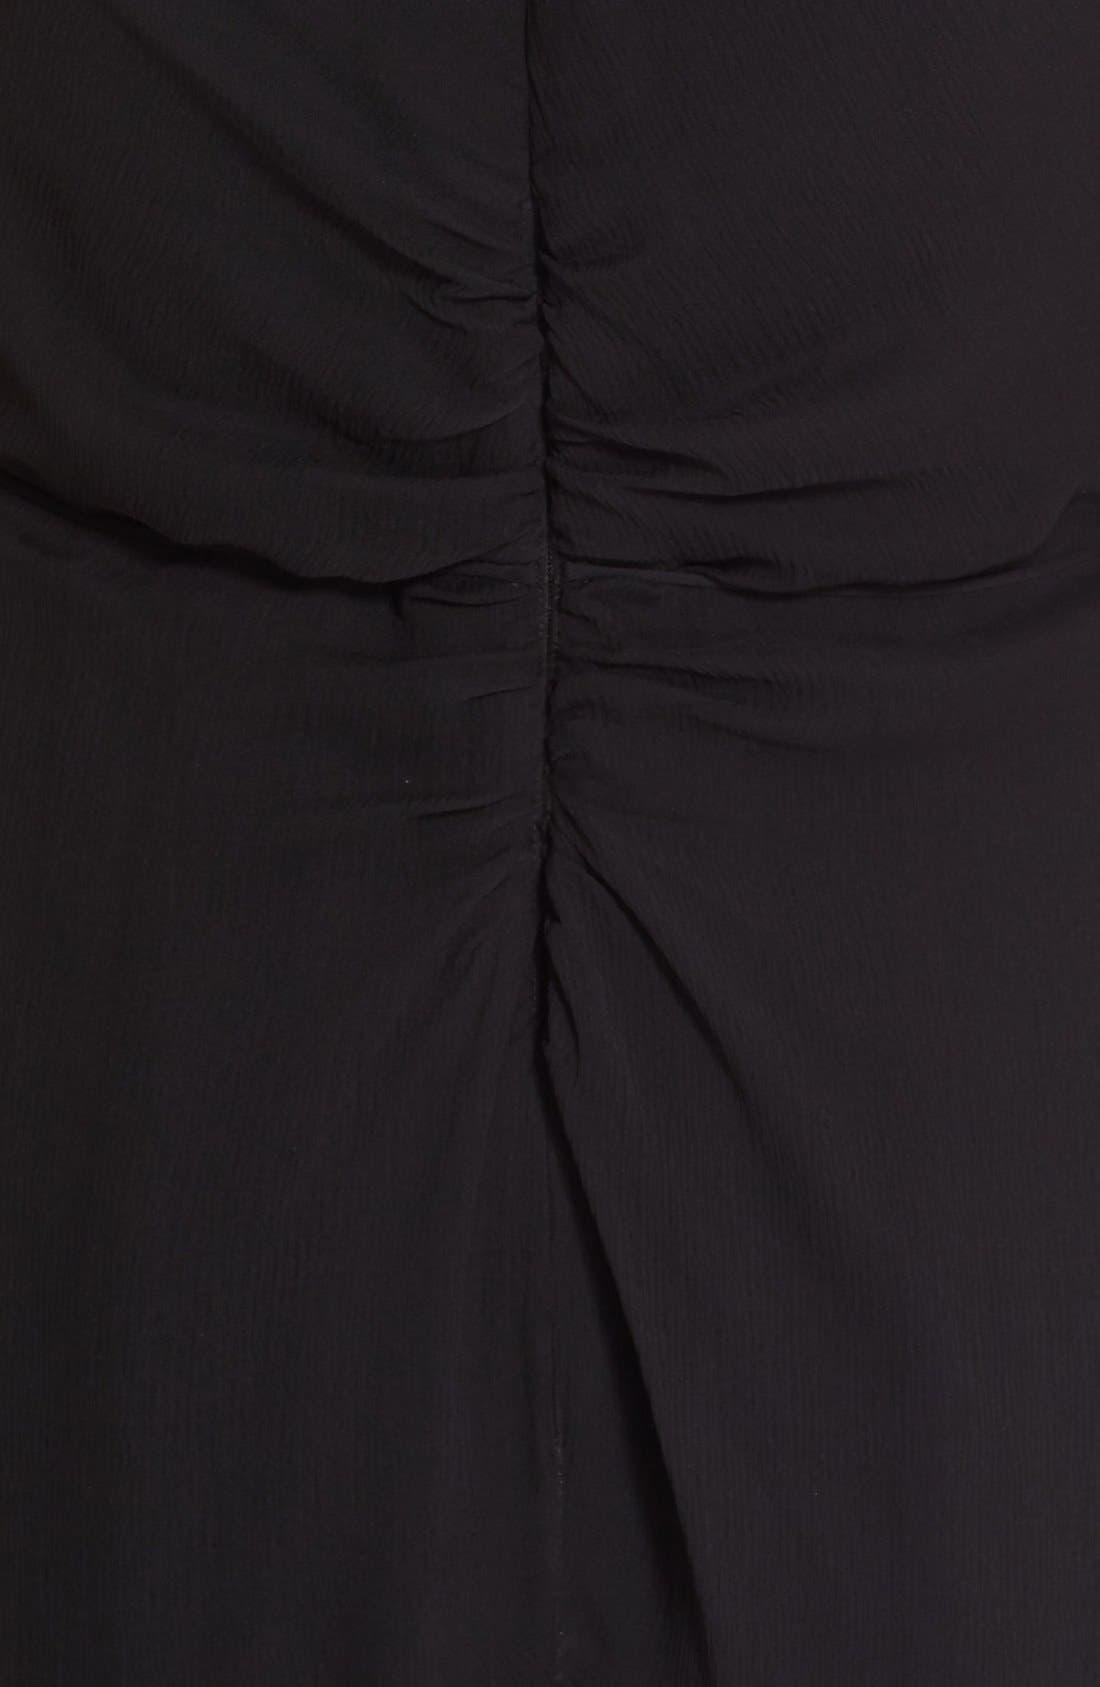 Alternate Image 3  - Carolina Herrera Ruffled Chiffon Column Gown